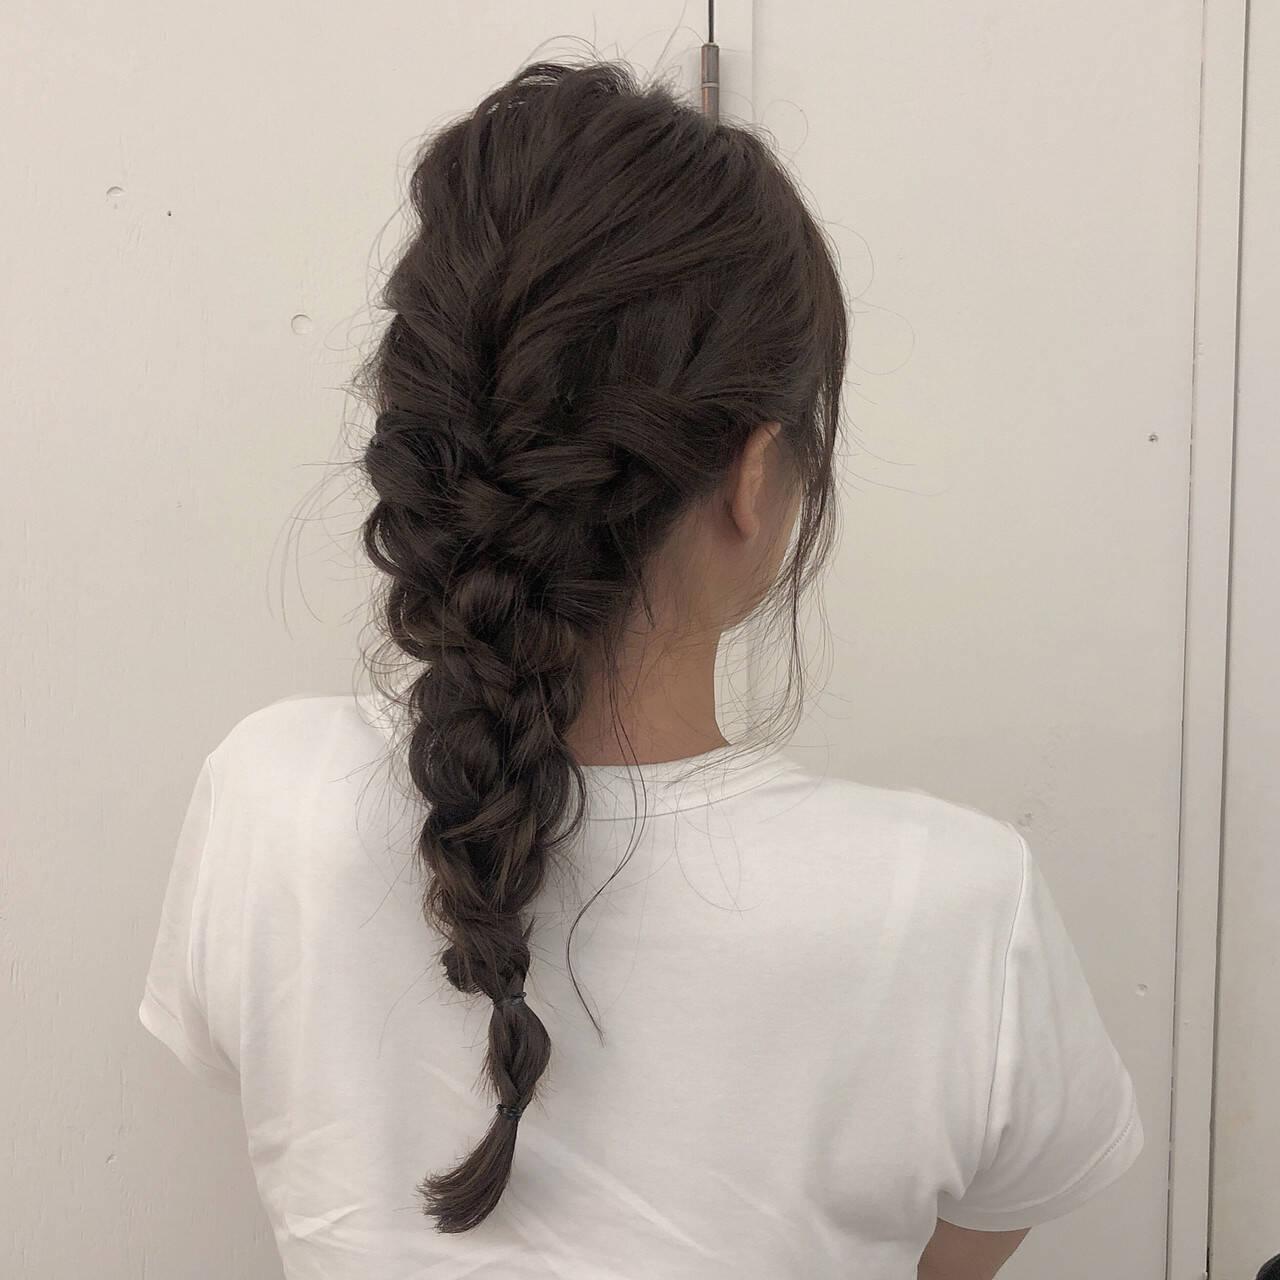 ナチュラル ヘアアレンジ ロング ふわふわヘアアレンジヘアスタイルや髪型の写真・画像